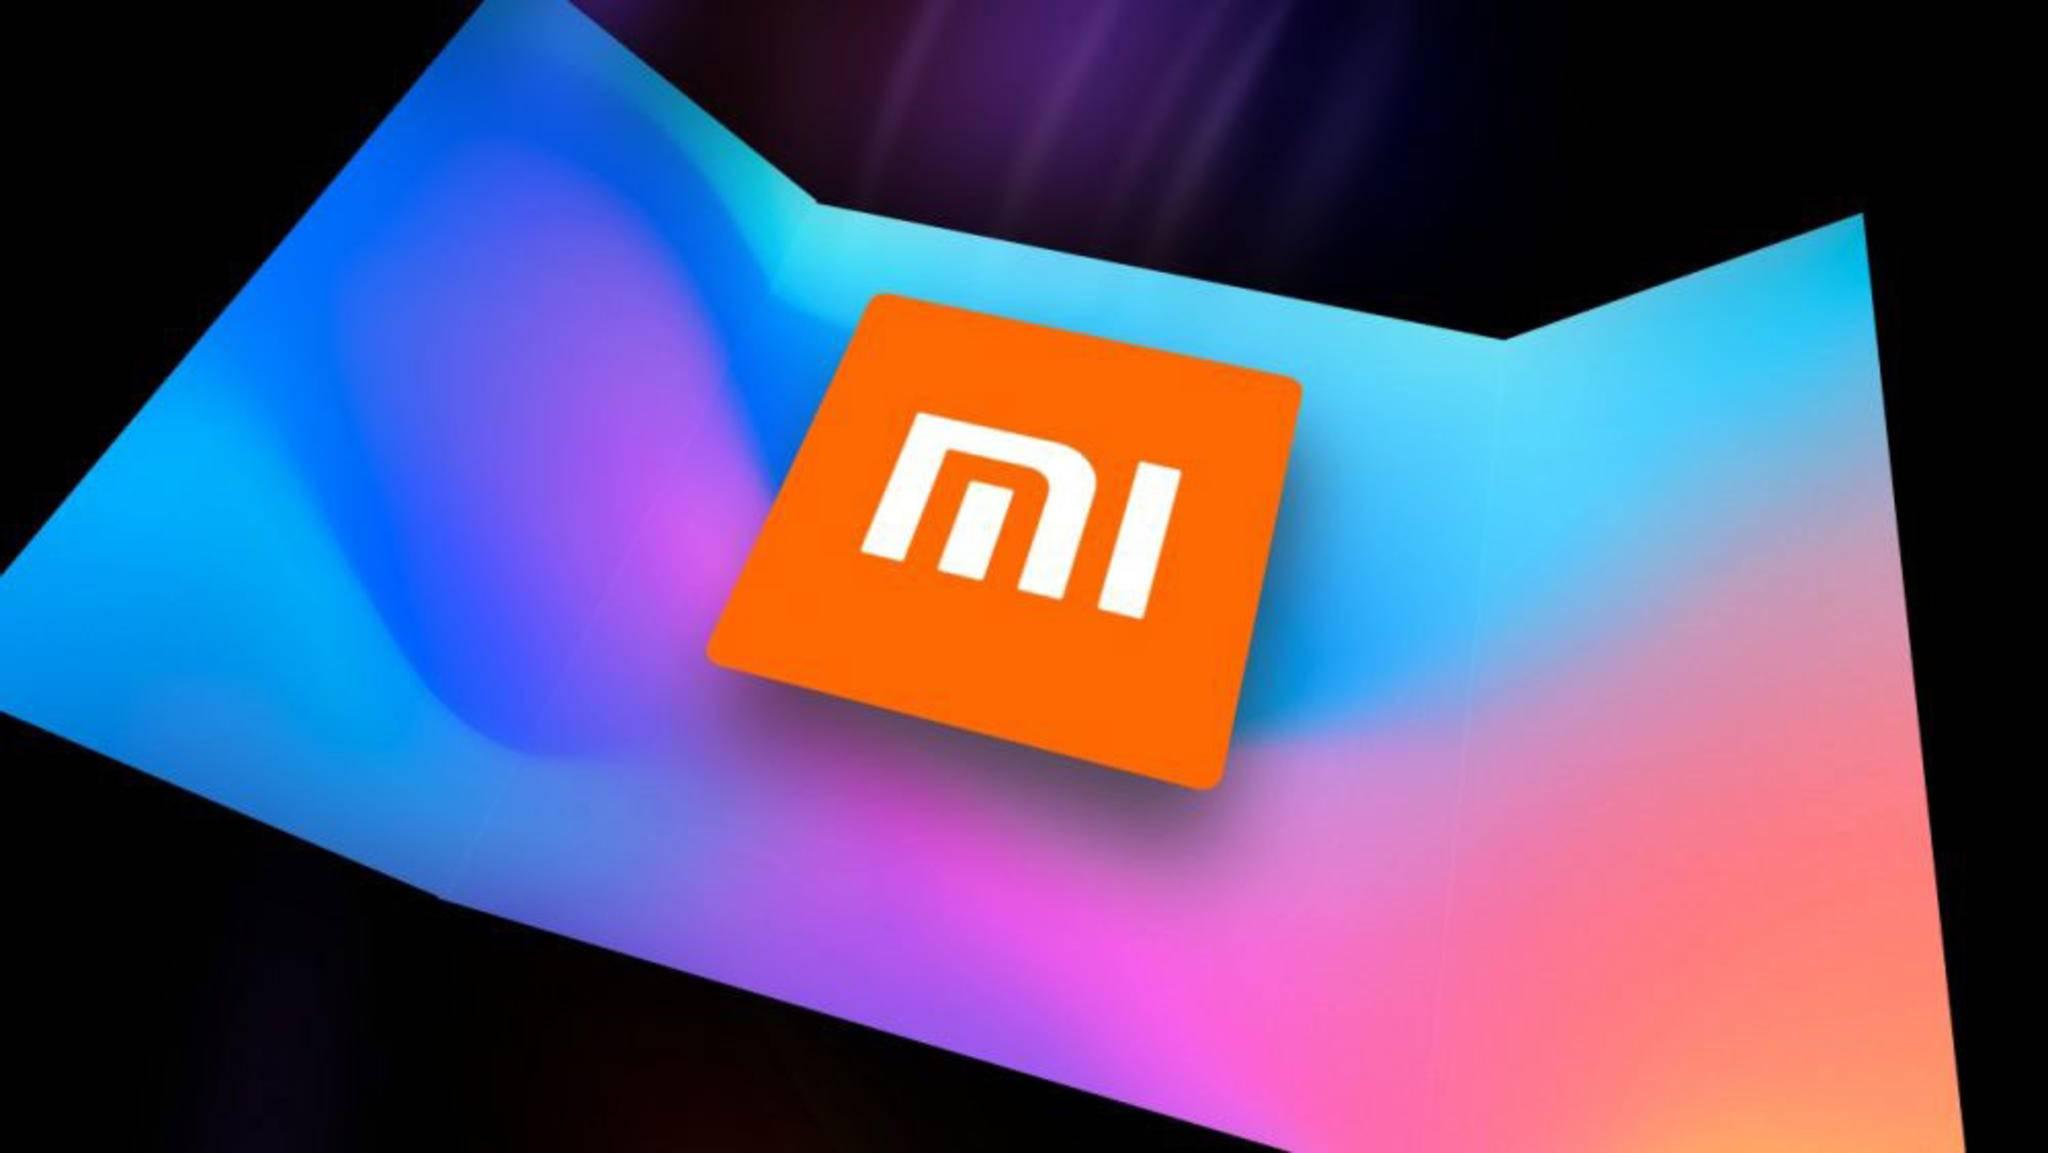 Wird Xiaomi bald ein faltbares Smartphone veröffentlichen?